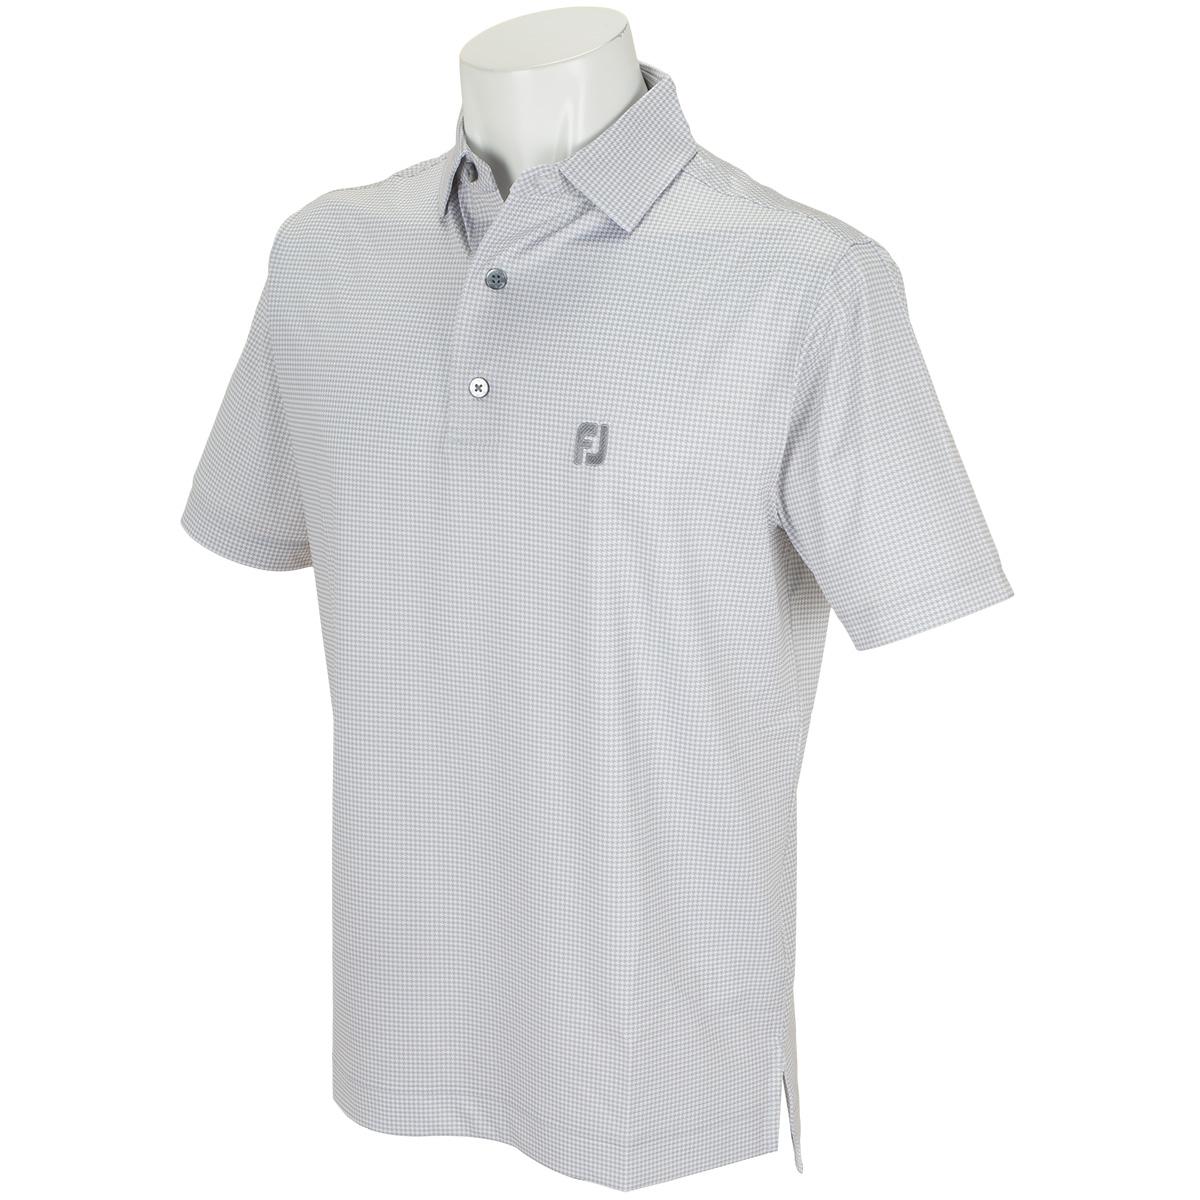 ヘザー千鳥プリント ライル半袖ポロシャツ